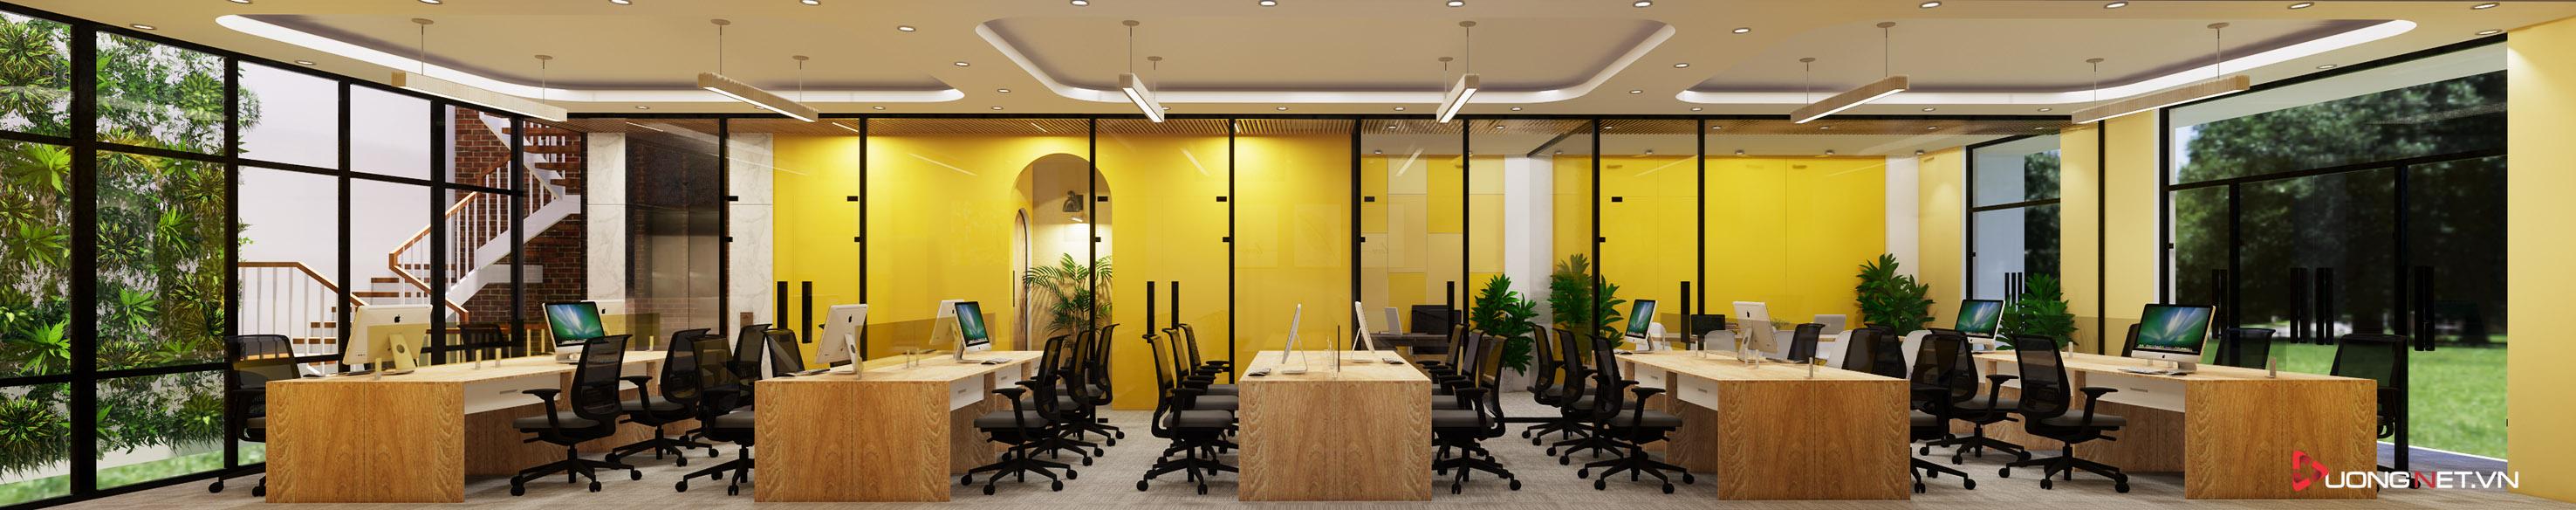 Thiết kế nội thất sáng tạo văn phòng 5 tầng Thiên Nhiên Việt 6